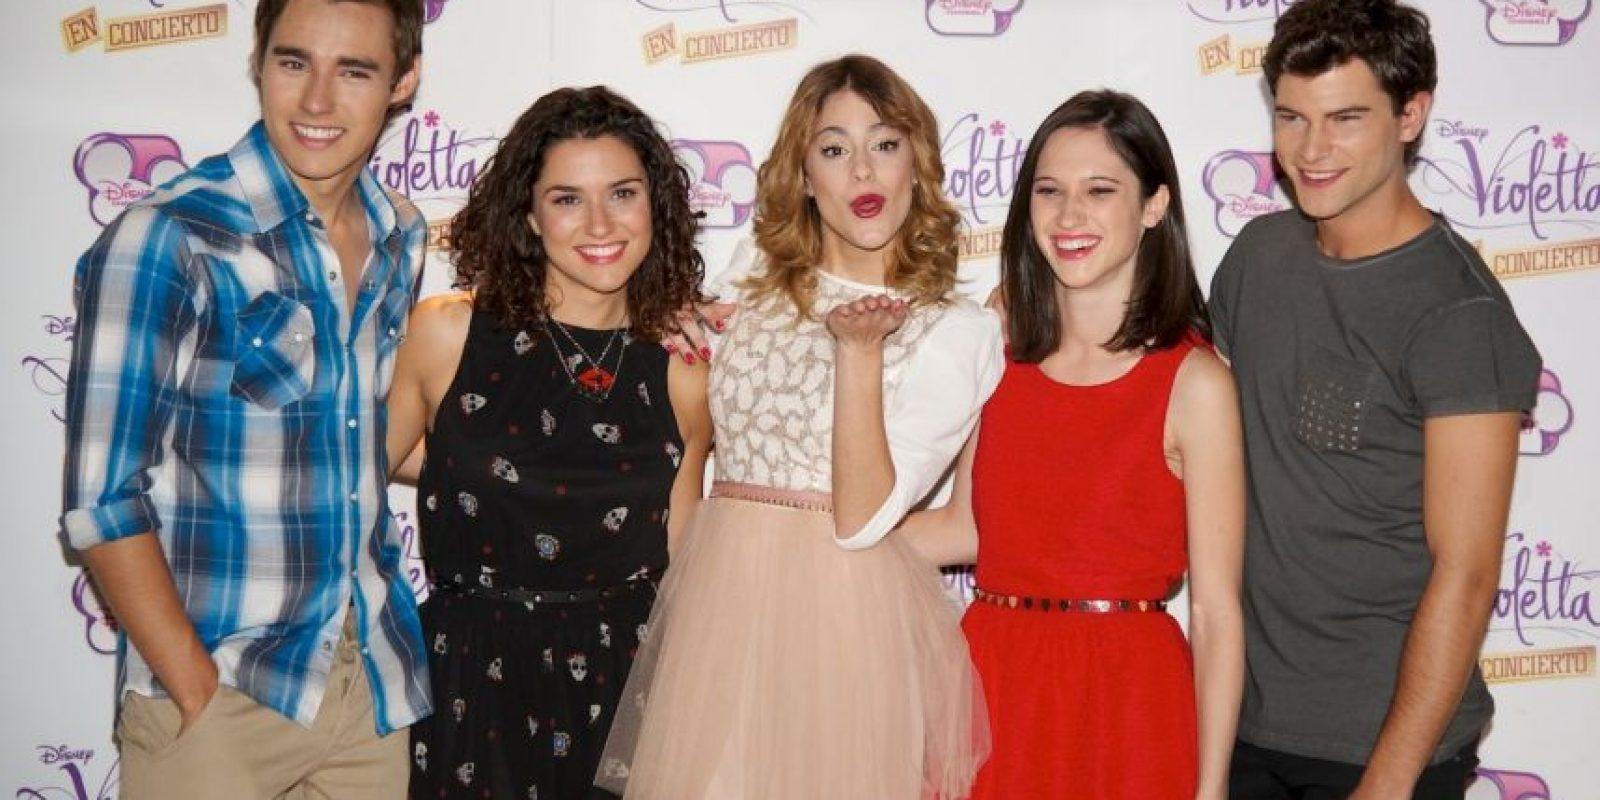 """9. """"Violetta"""" obtuvo 1.1 milllones de dólares Foto:Getty Images"""